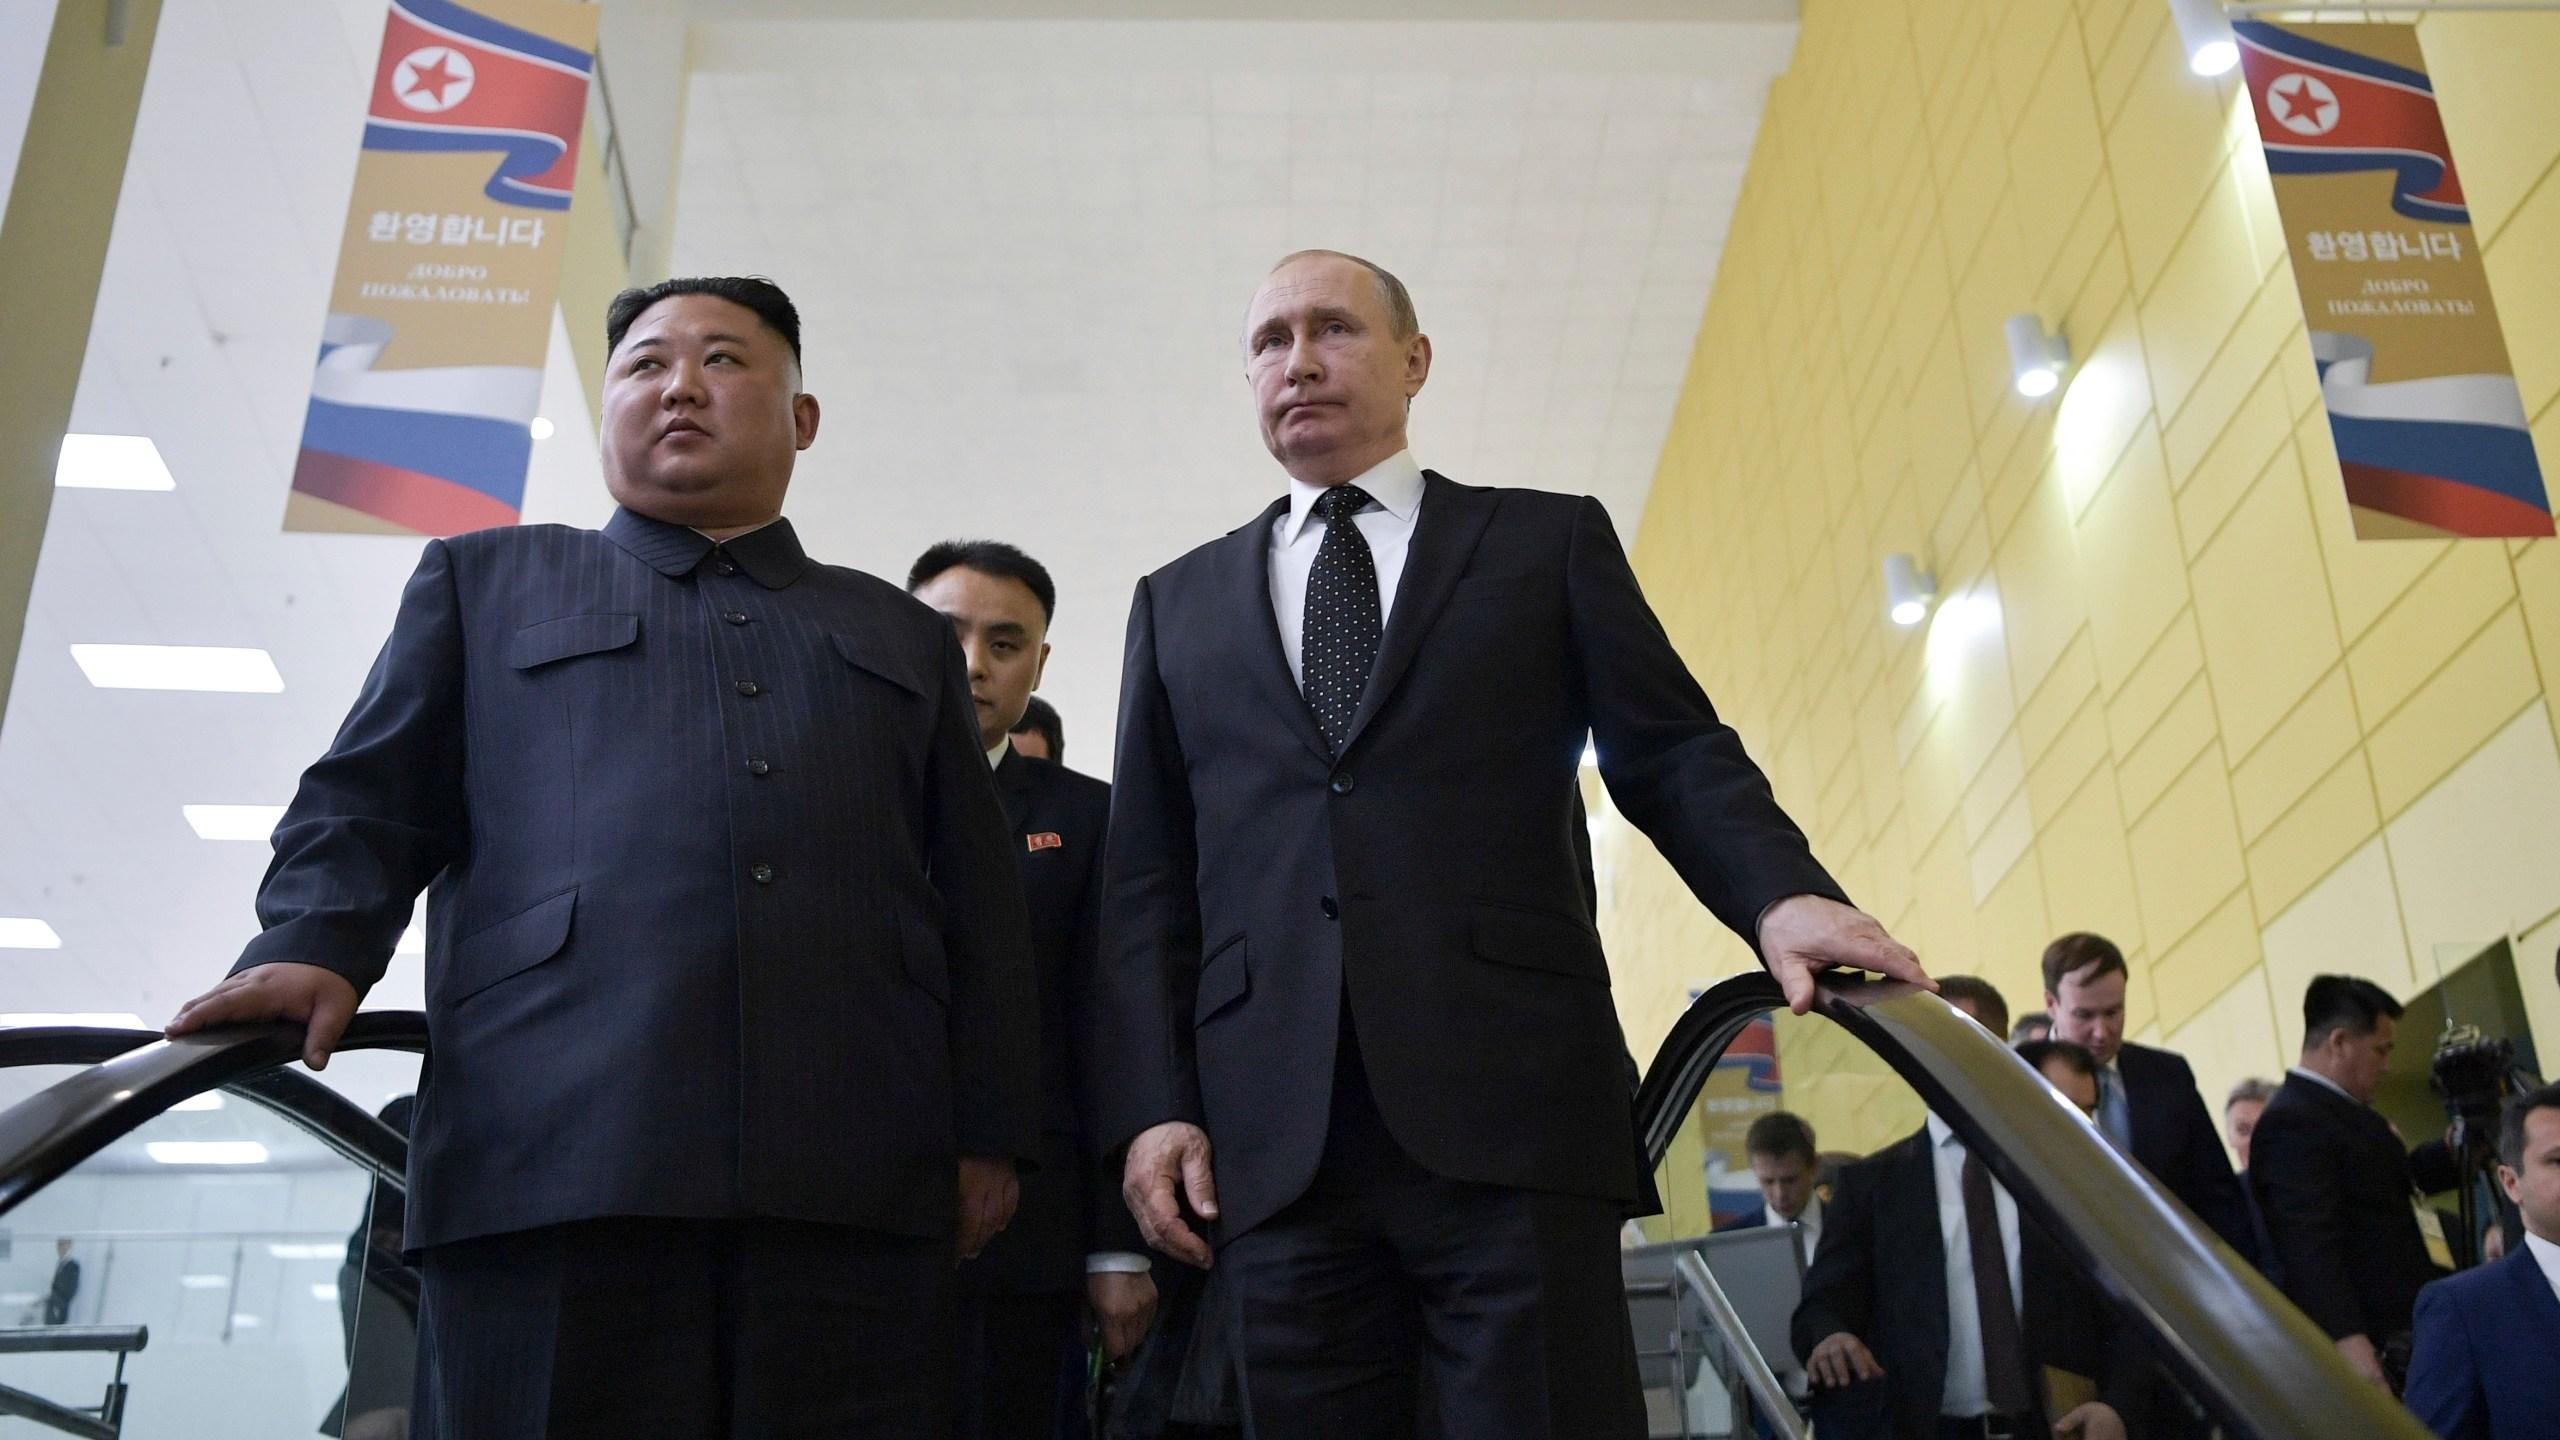 Putin_Kim_Summit_18170-159532.jpg33326443